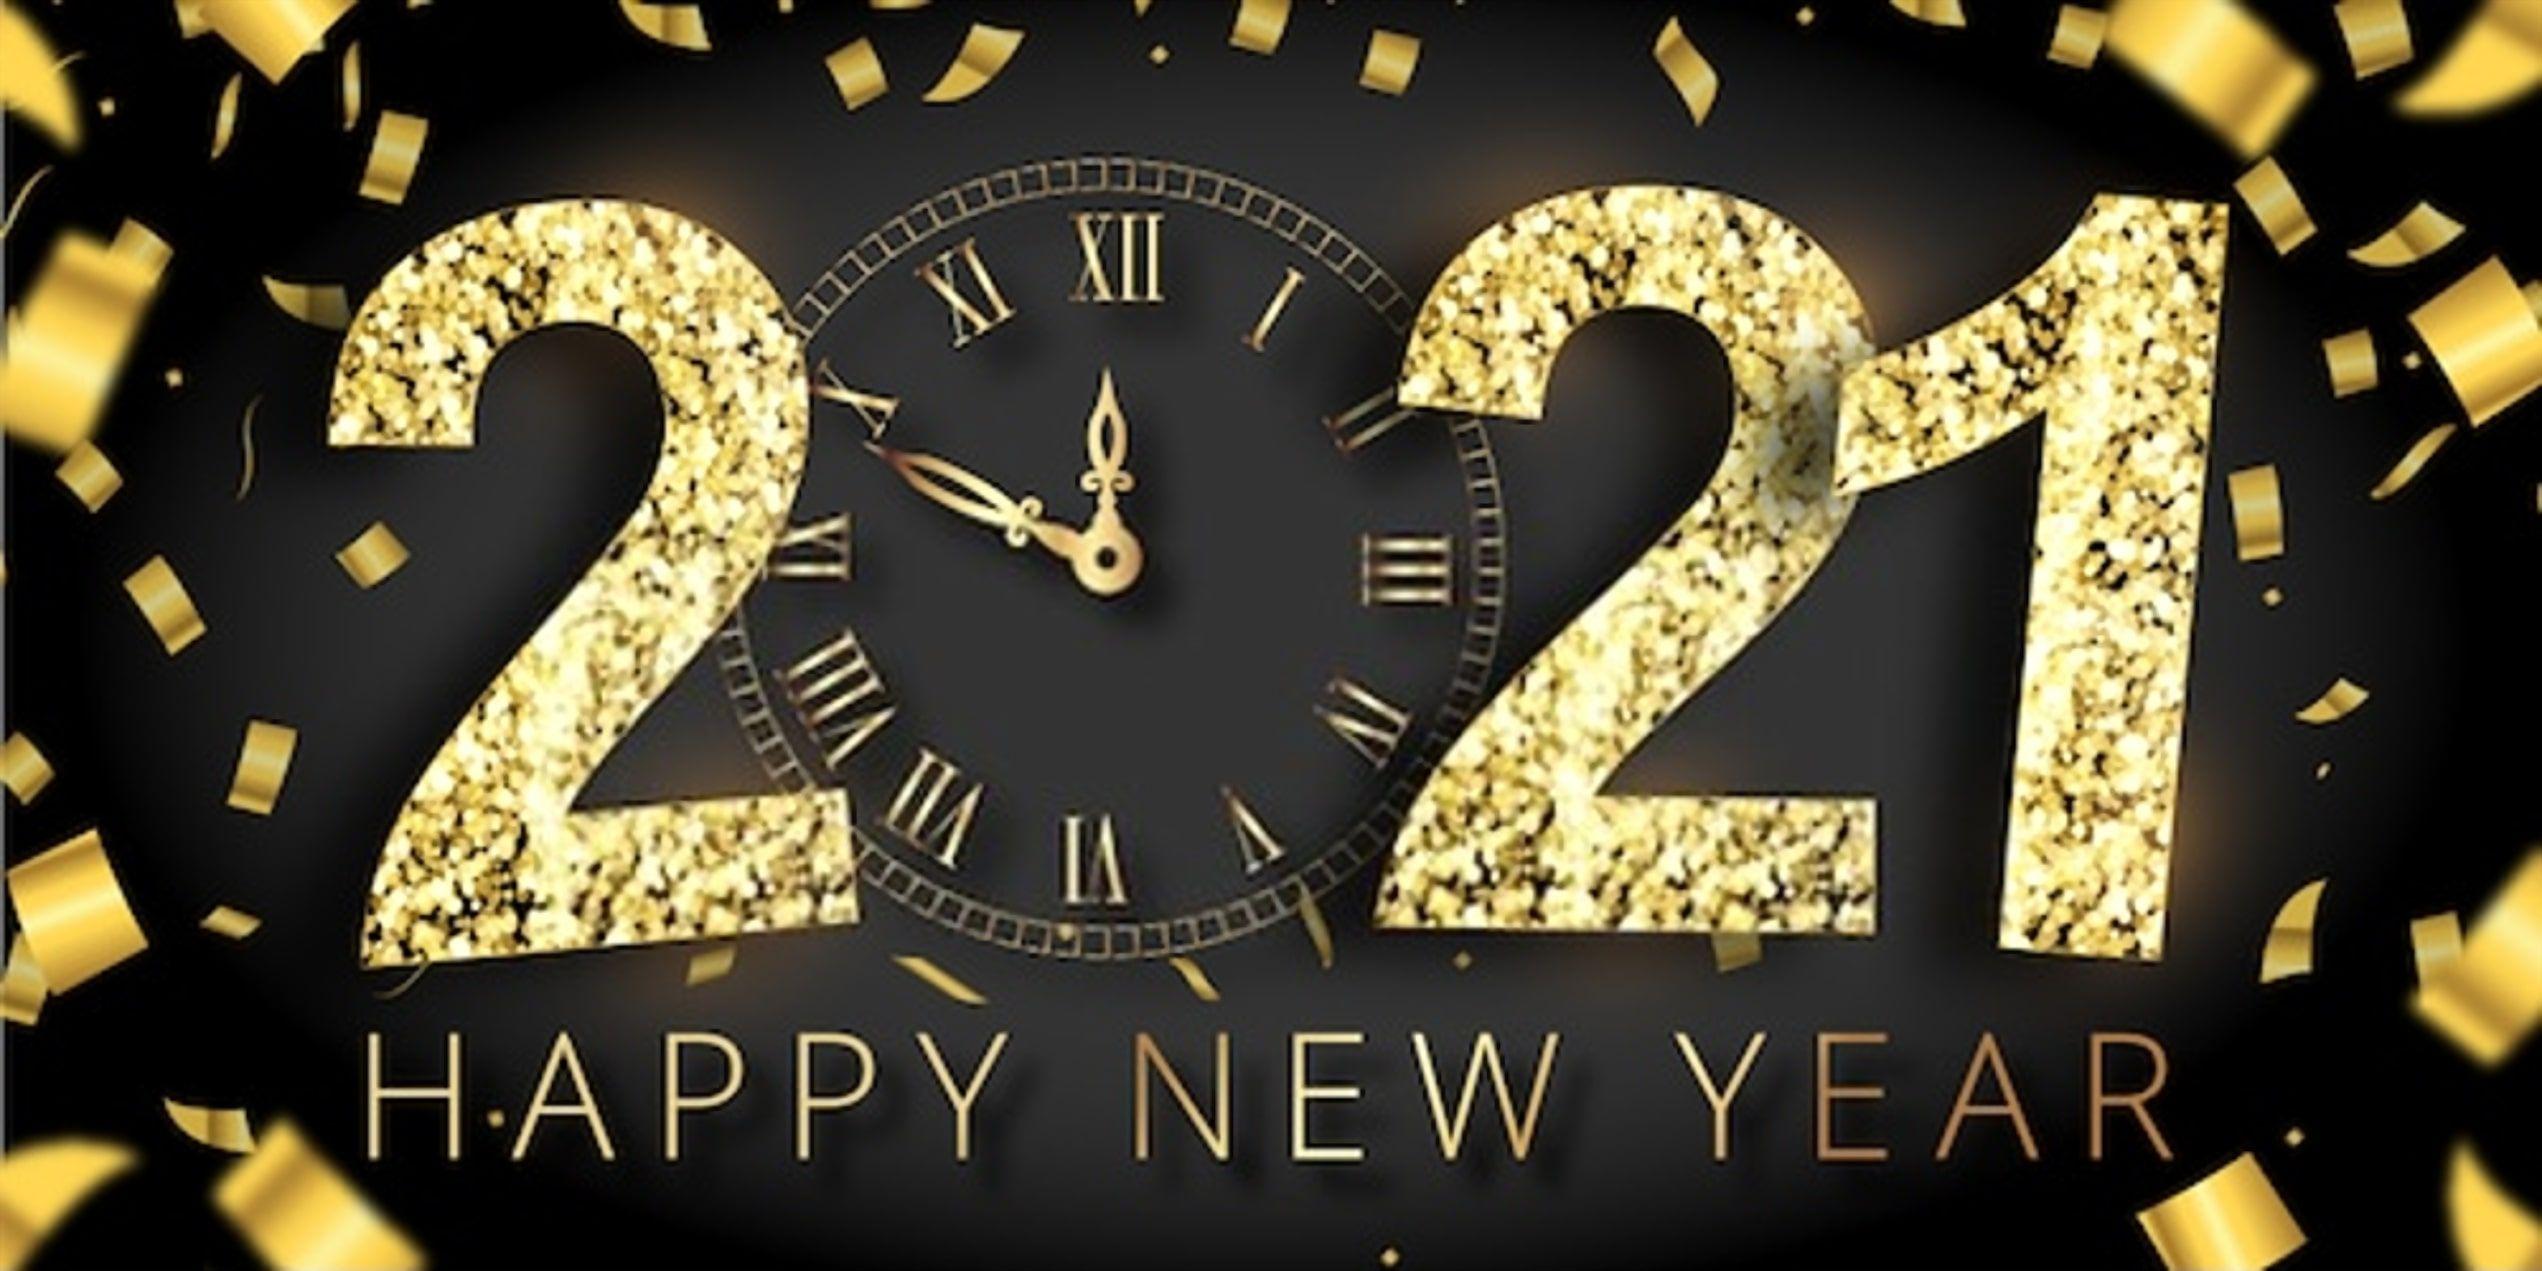 كيف تقضي ليلة رأس السنة 2021 في زمن كورونا؟ 2